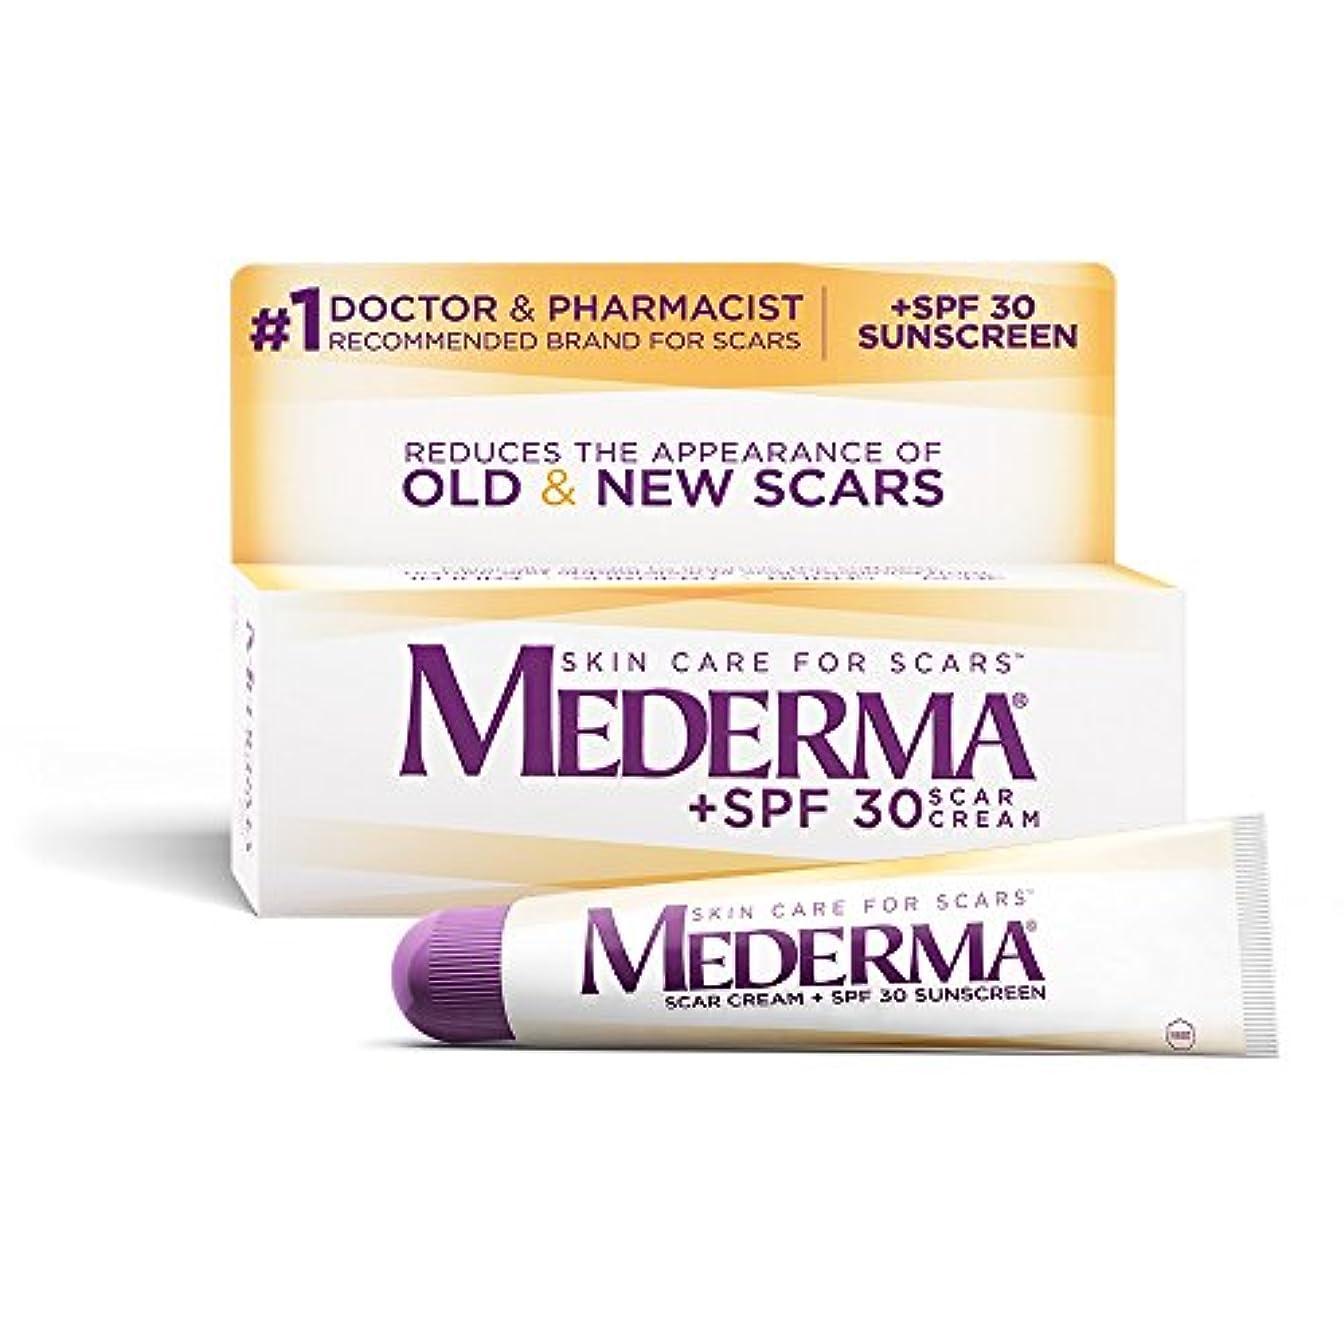 極地違う貢献する新発売 Mederma社 日焼け止め成分SPF30配合 メドロマ(メデルマ) 1本 20g 海外直送品